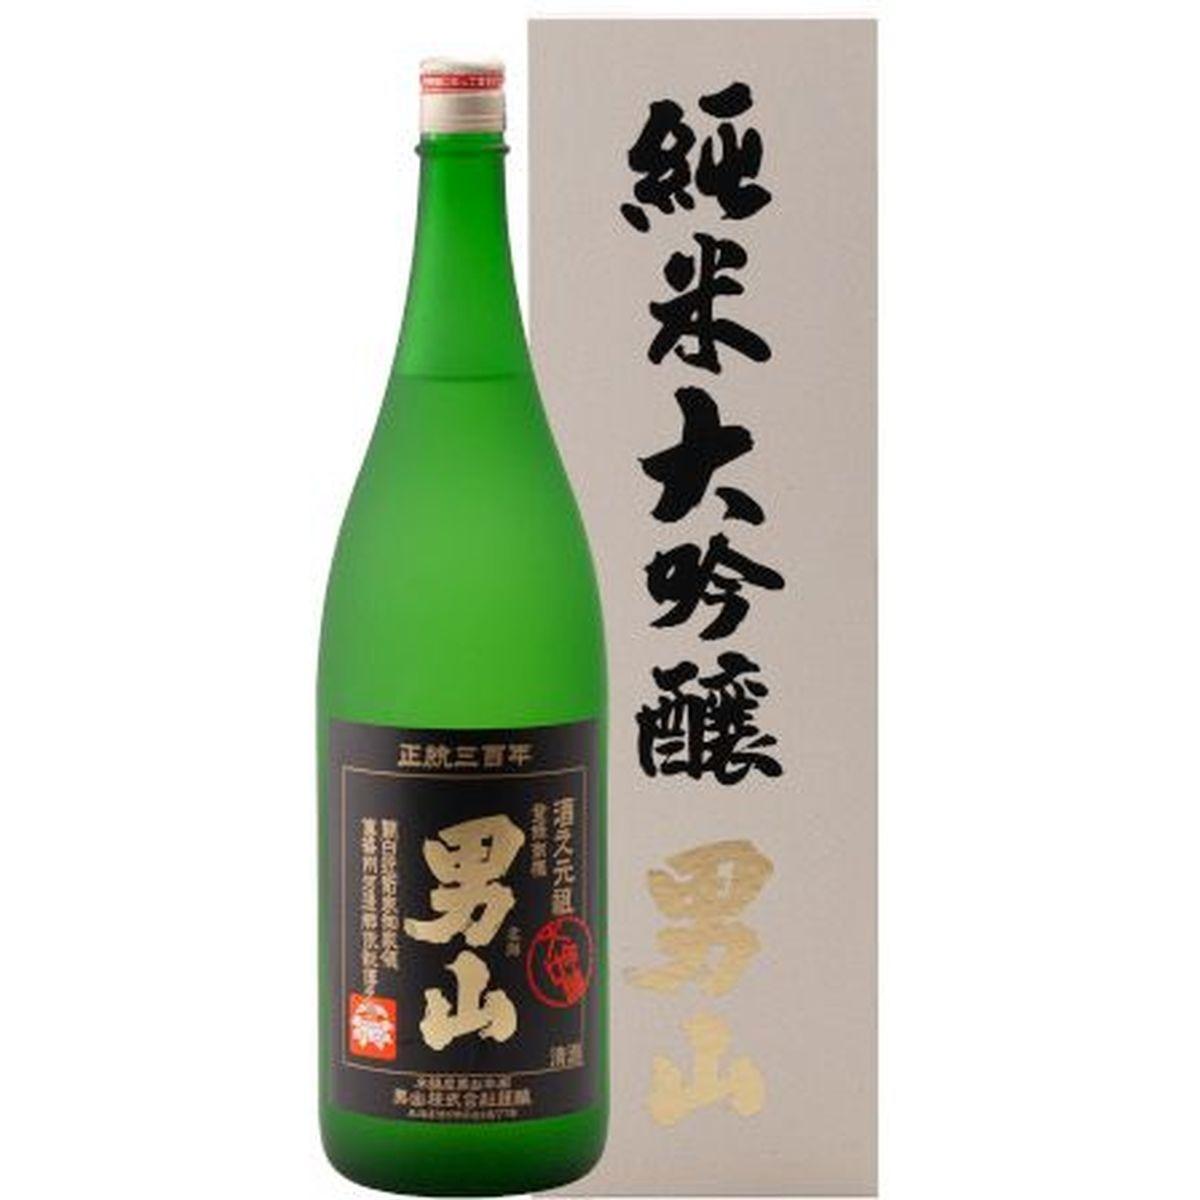 清酒 男山 純米大吟醸 1800ml